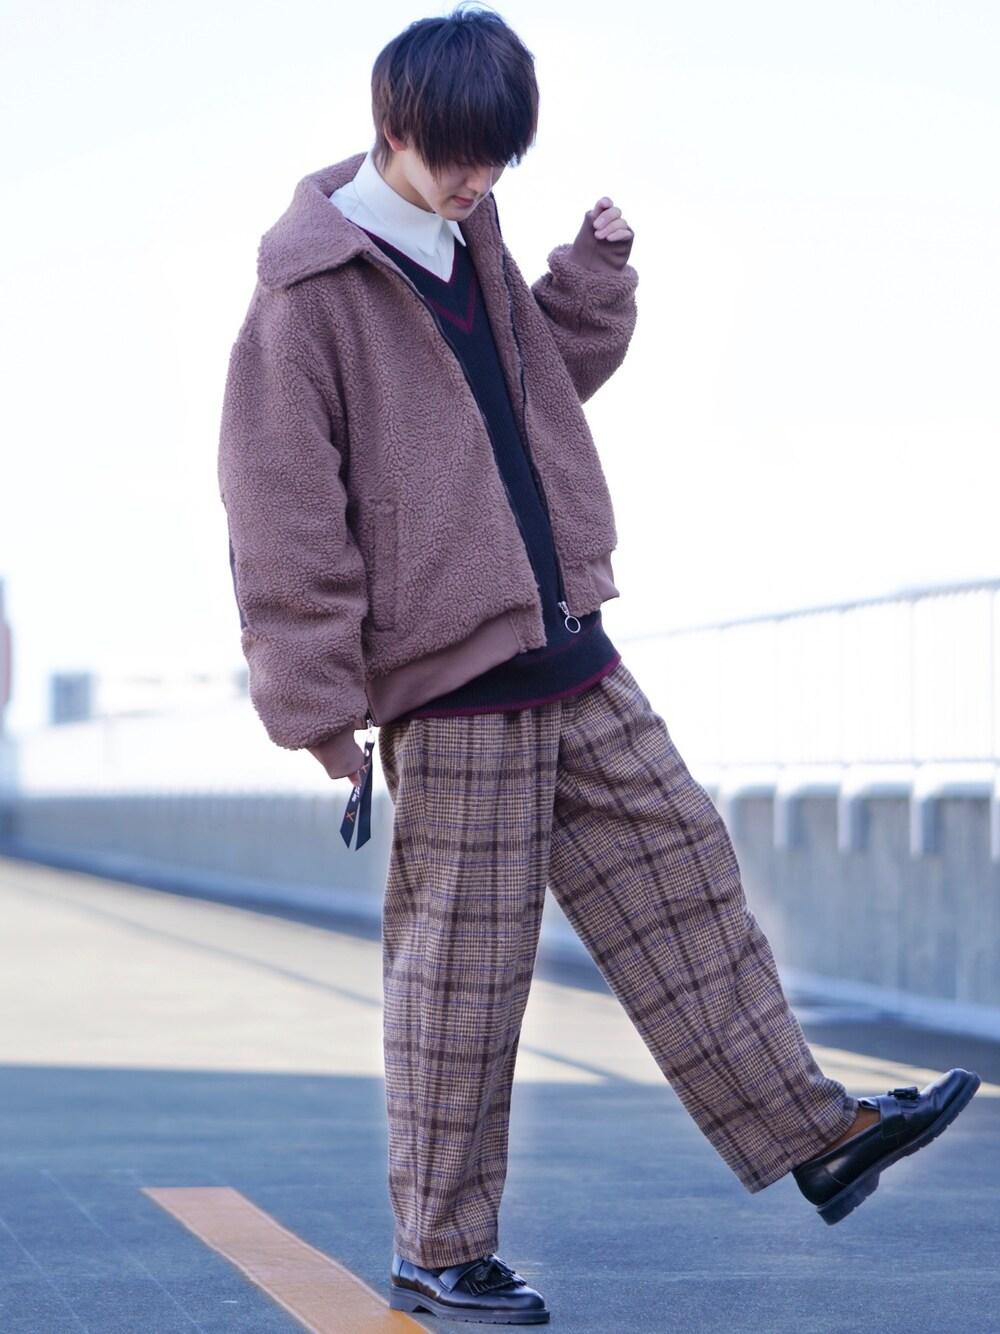 ヨーカドー ビルド 流行ファッション ビックサイズ感 おっさんに関連した画像-04